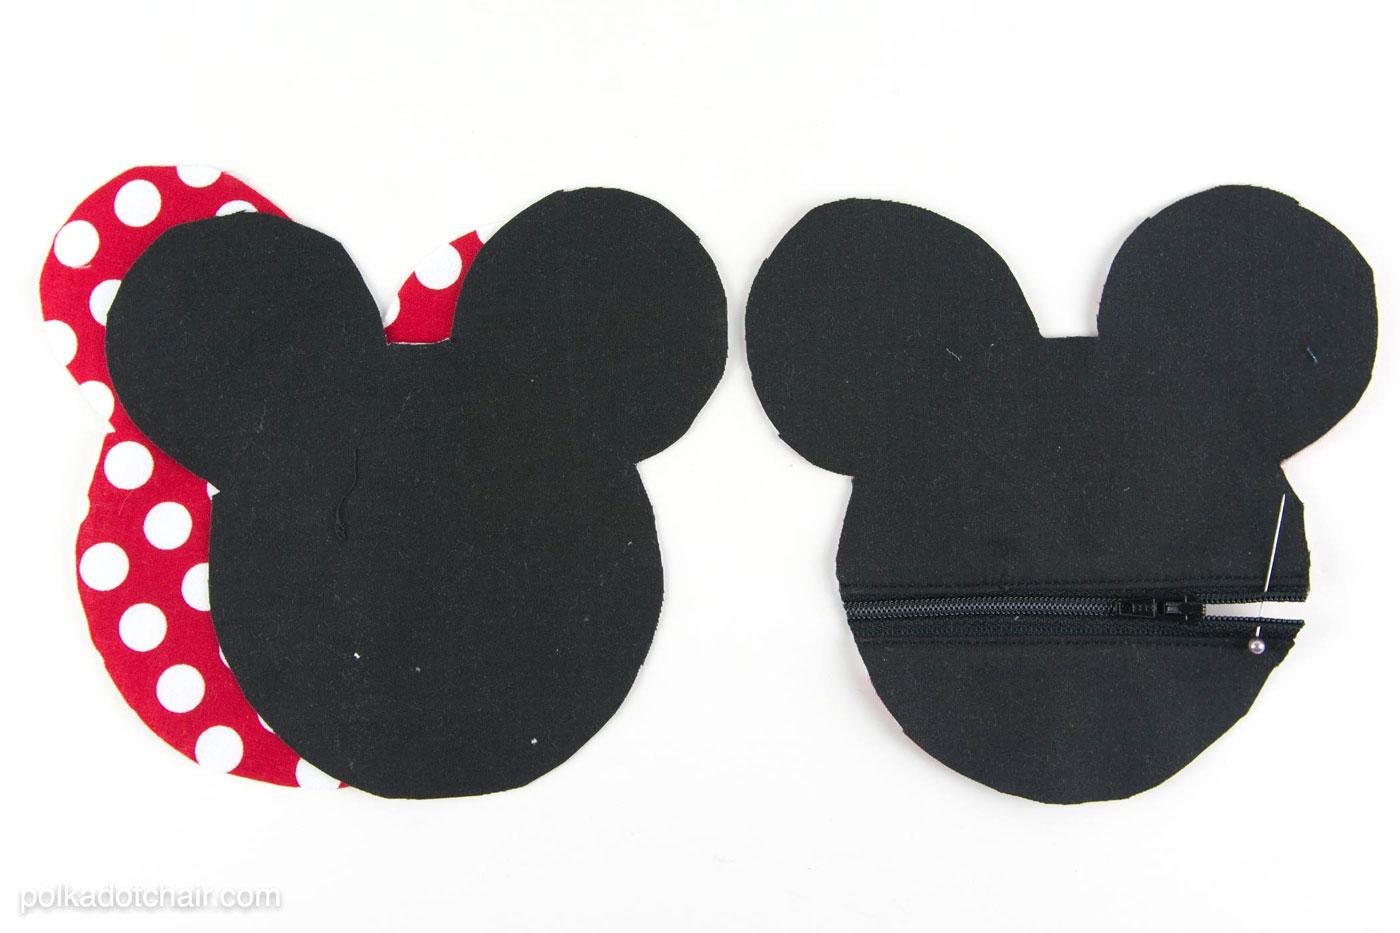 Cute earbuds stitch - cute earphones case